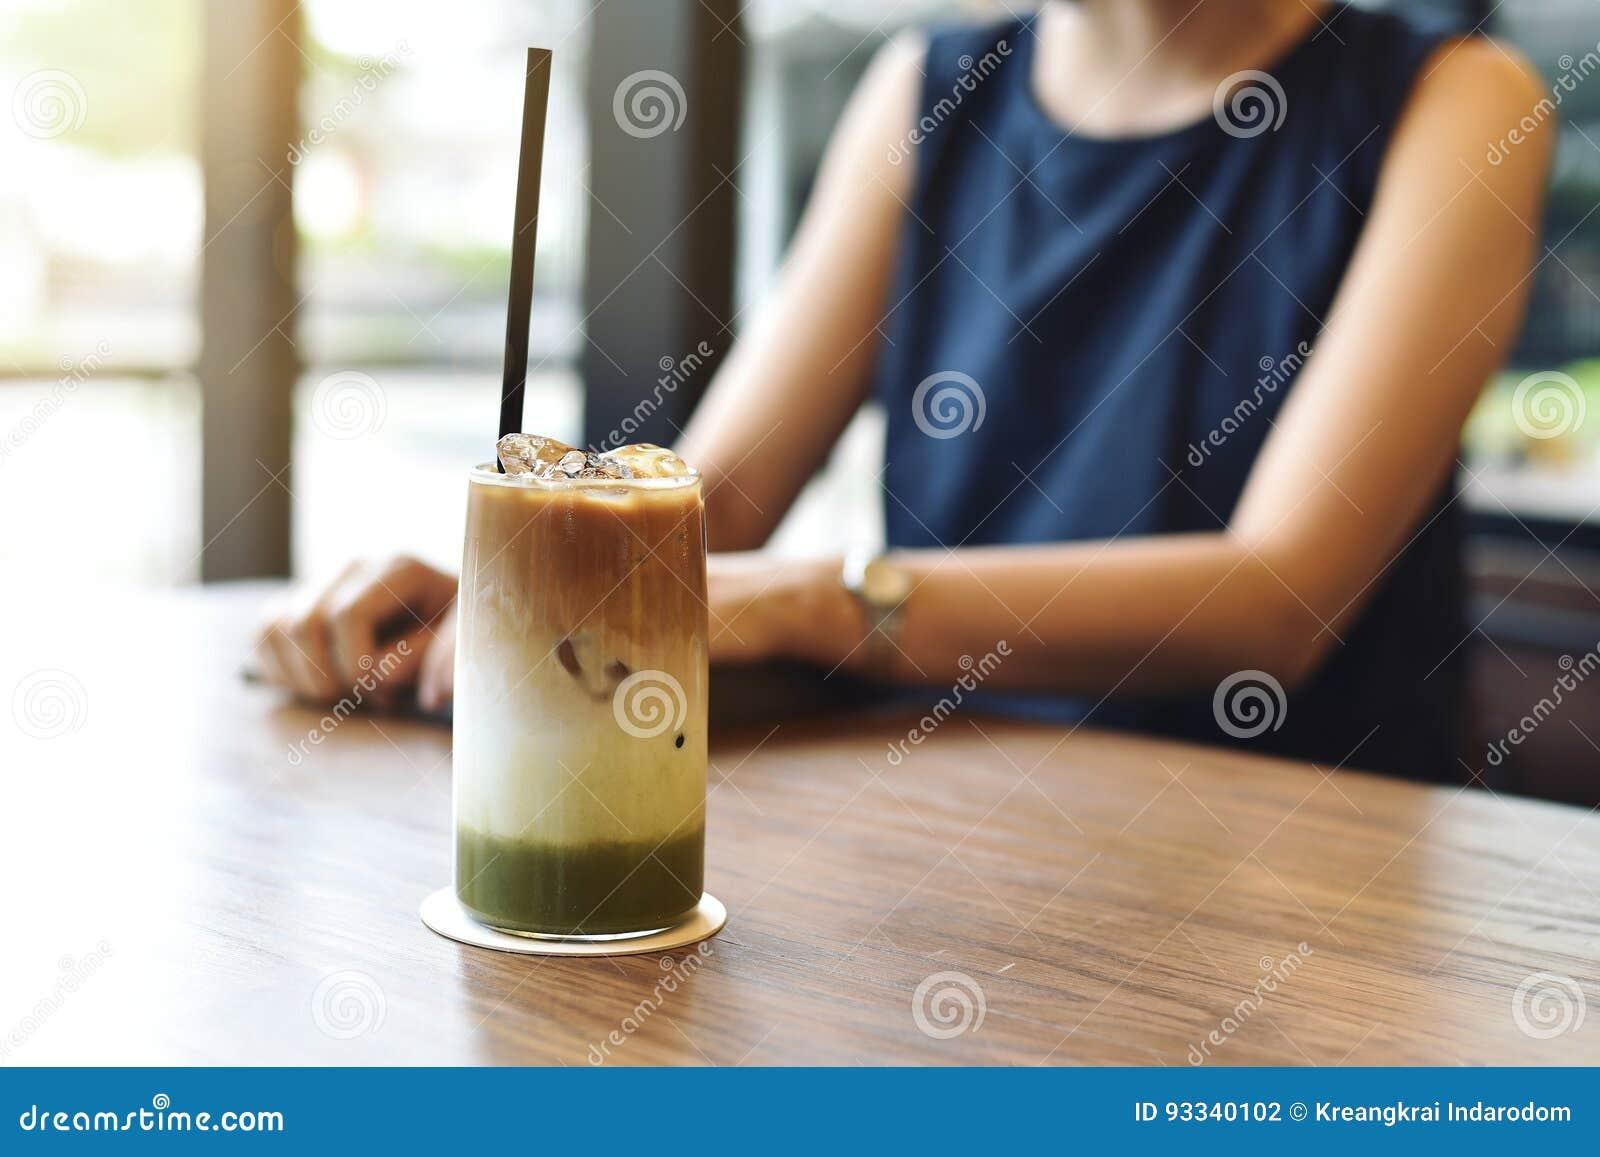 Blandat av matchate och latteiskaffe